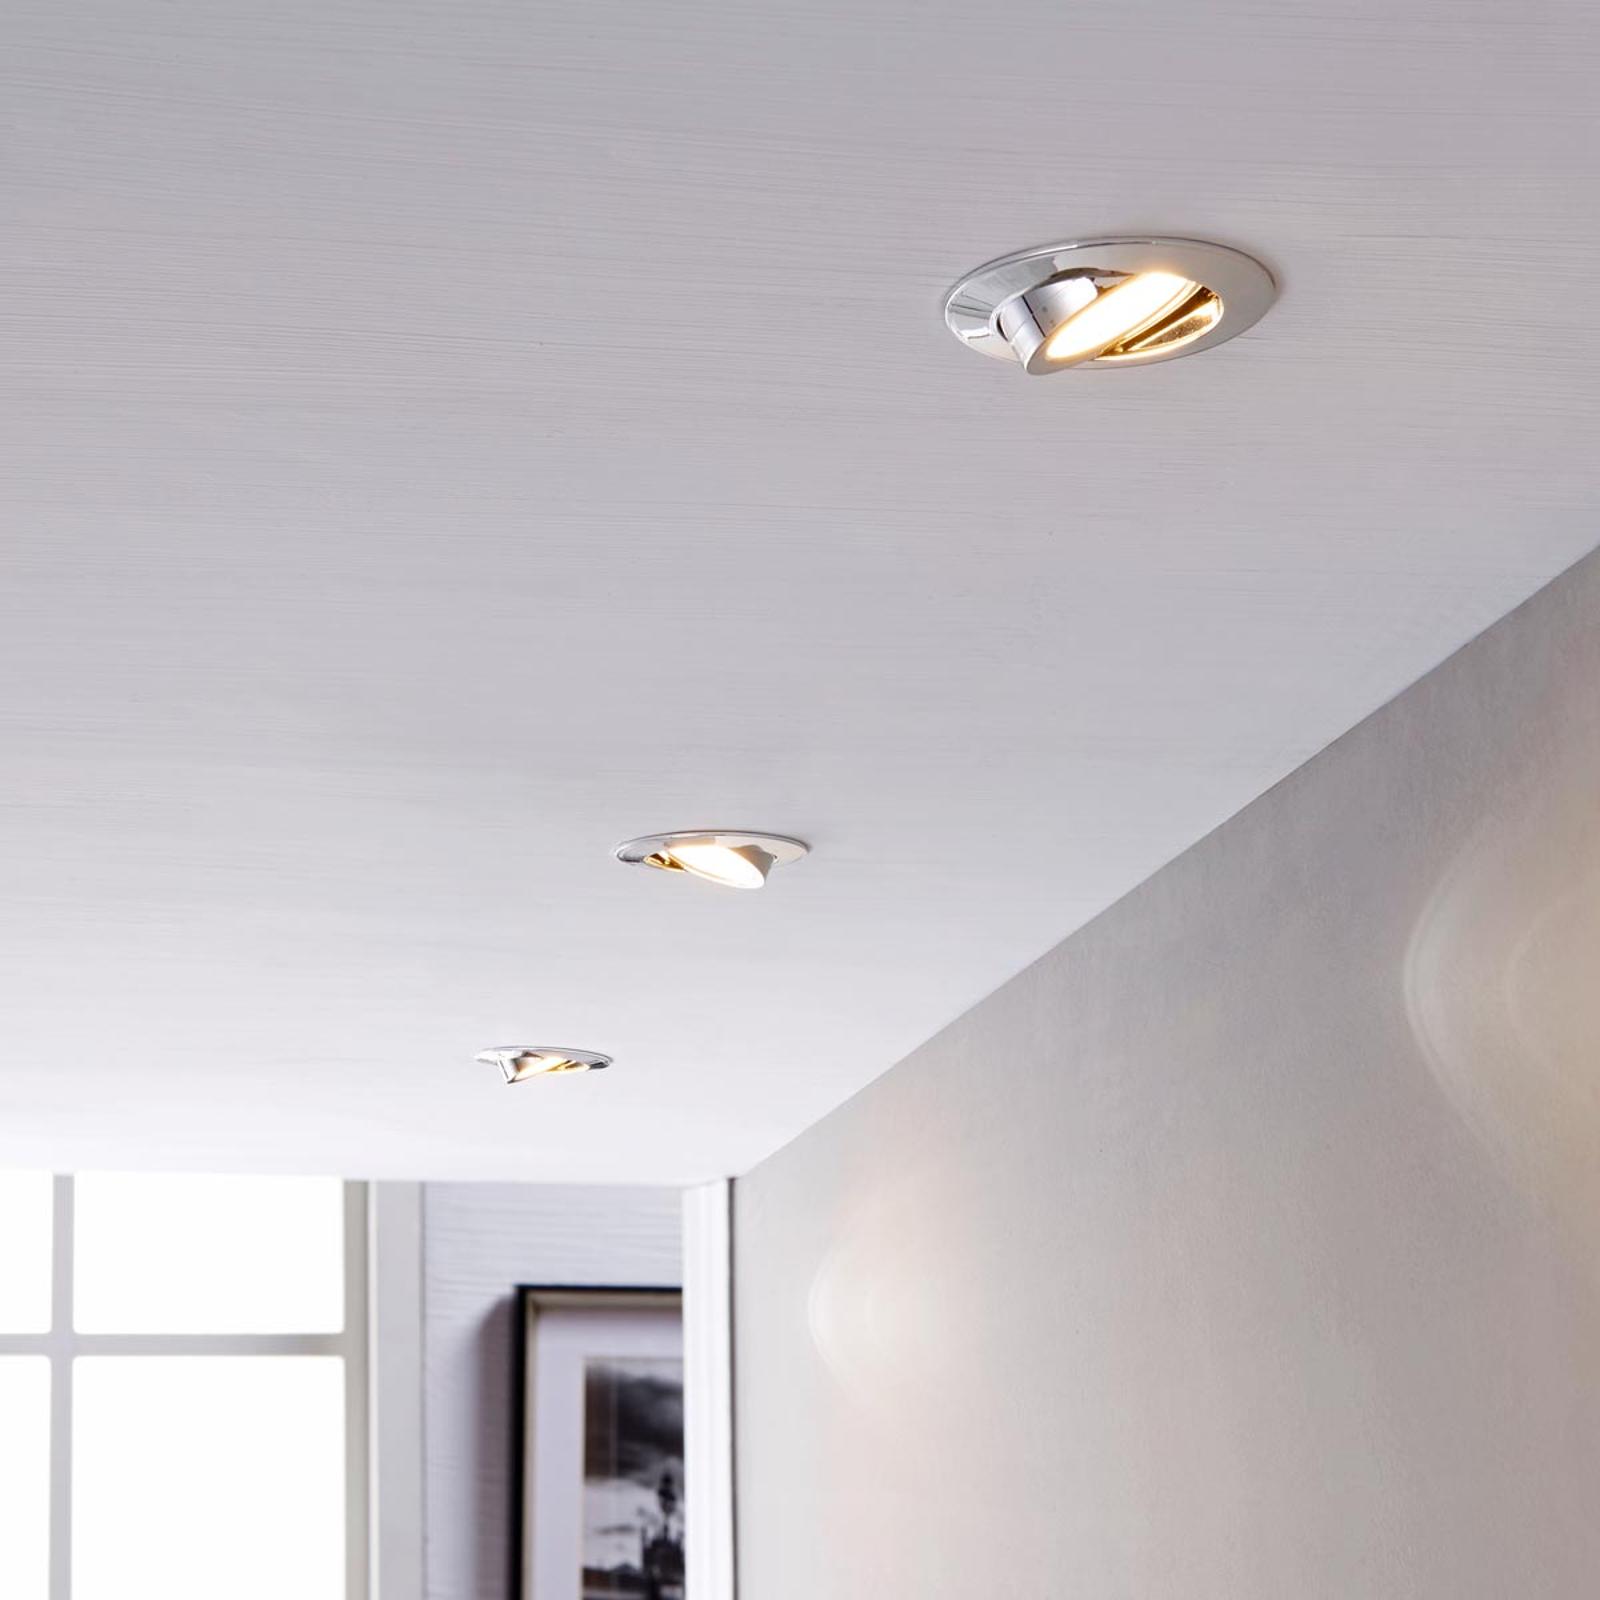 LED-Einbaustrahler Andrej, rund, chrom, 3er-Set